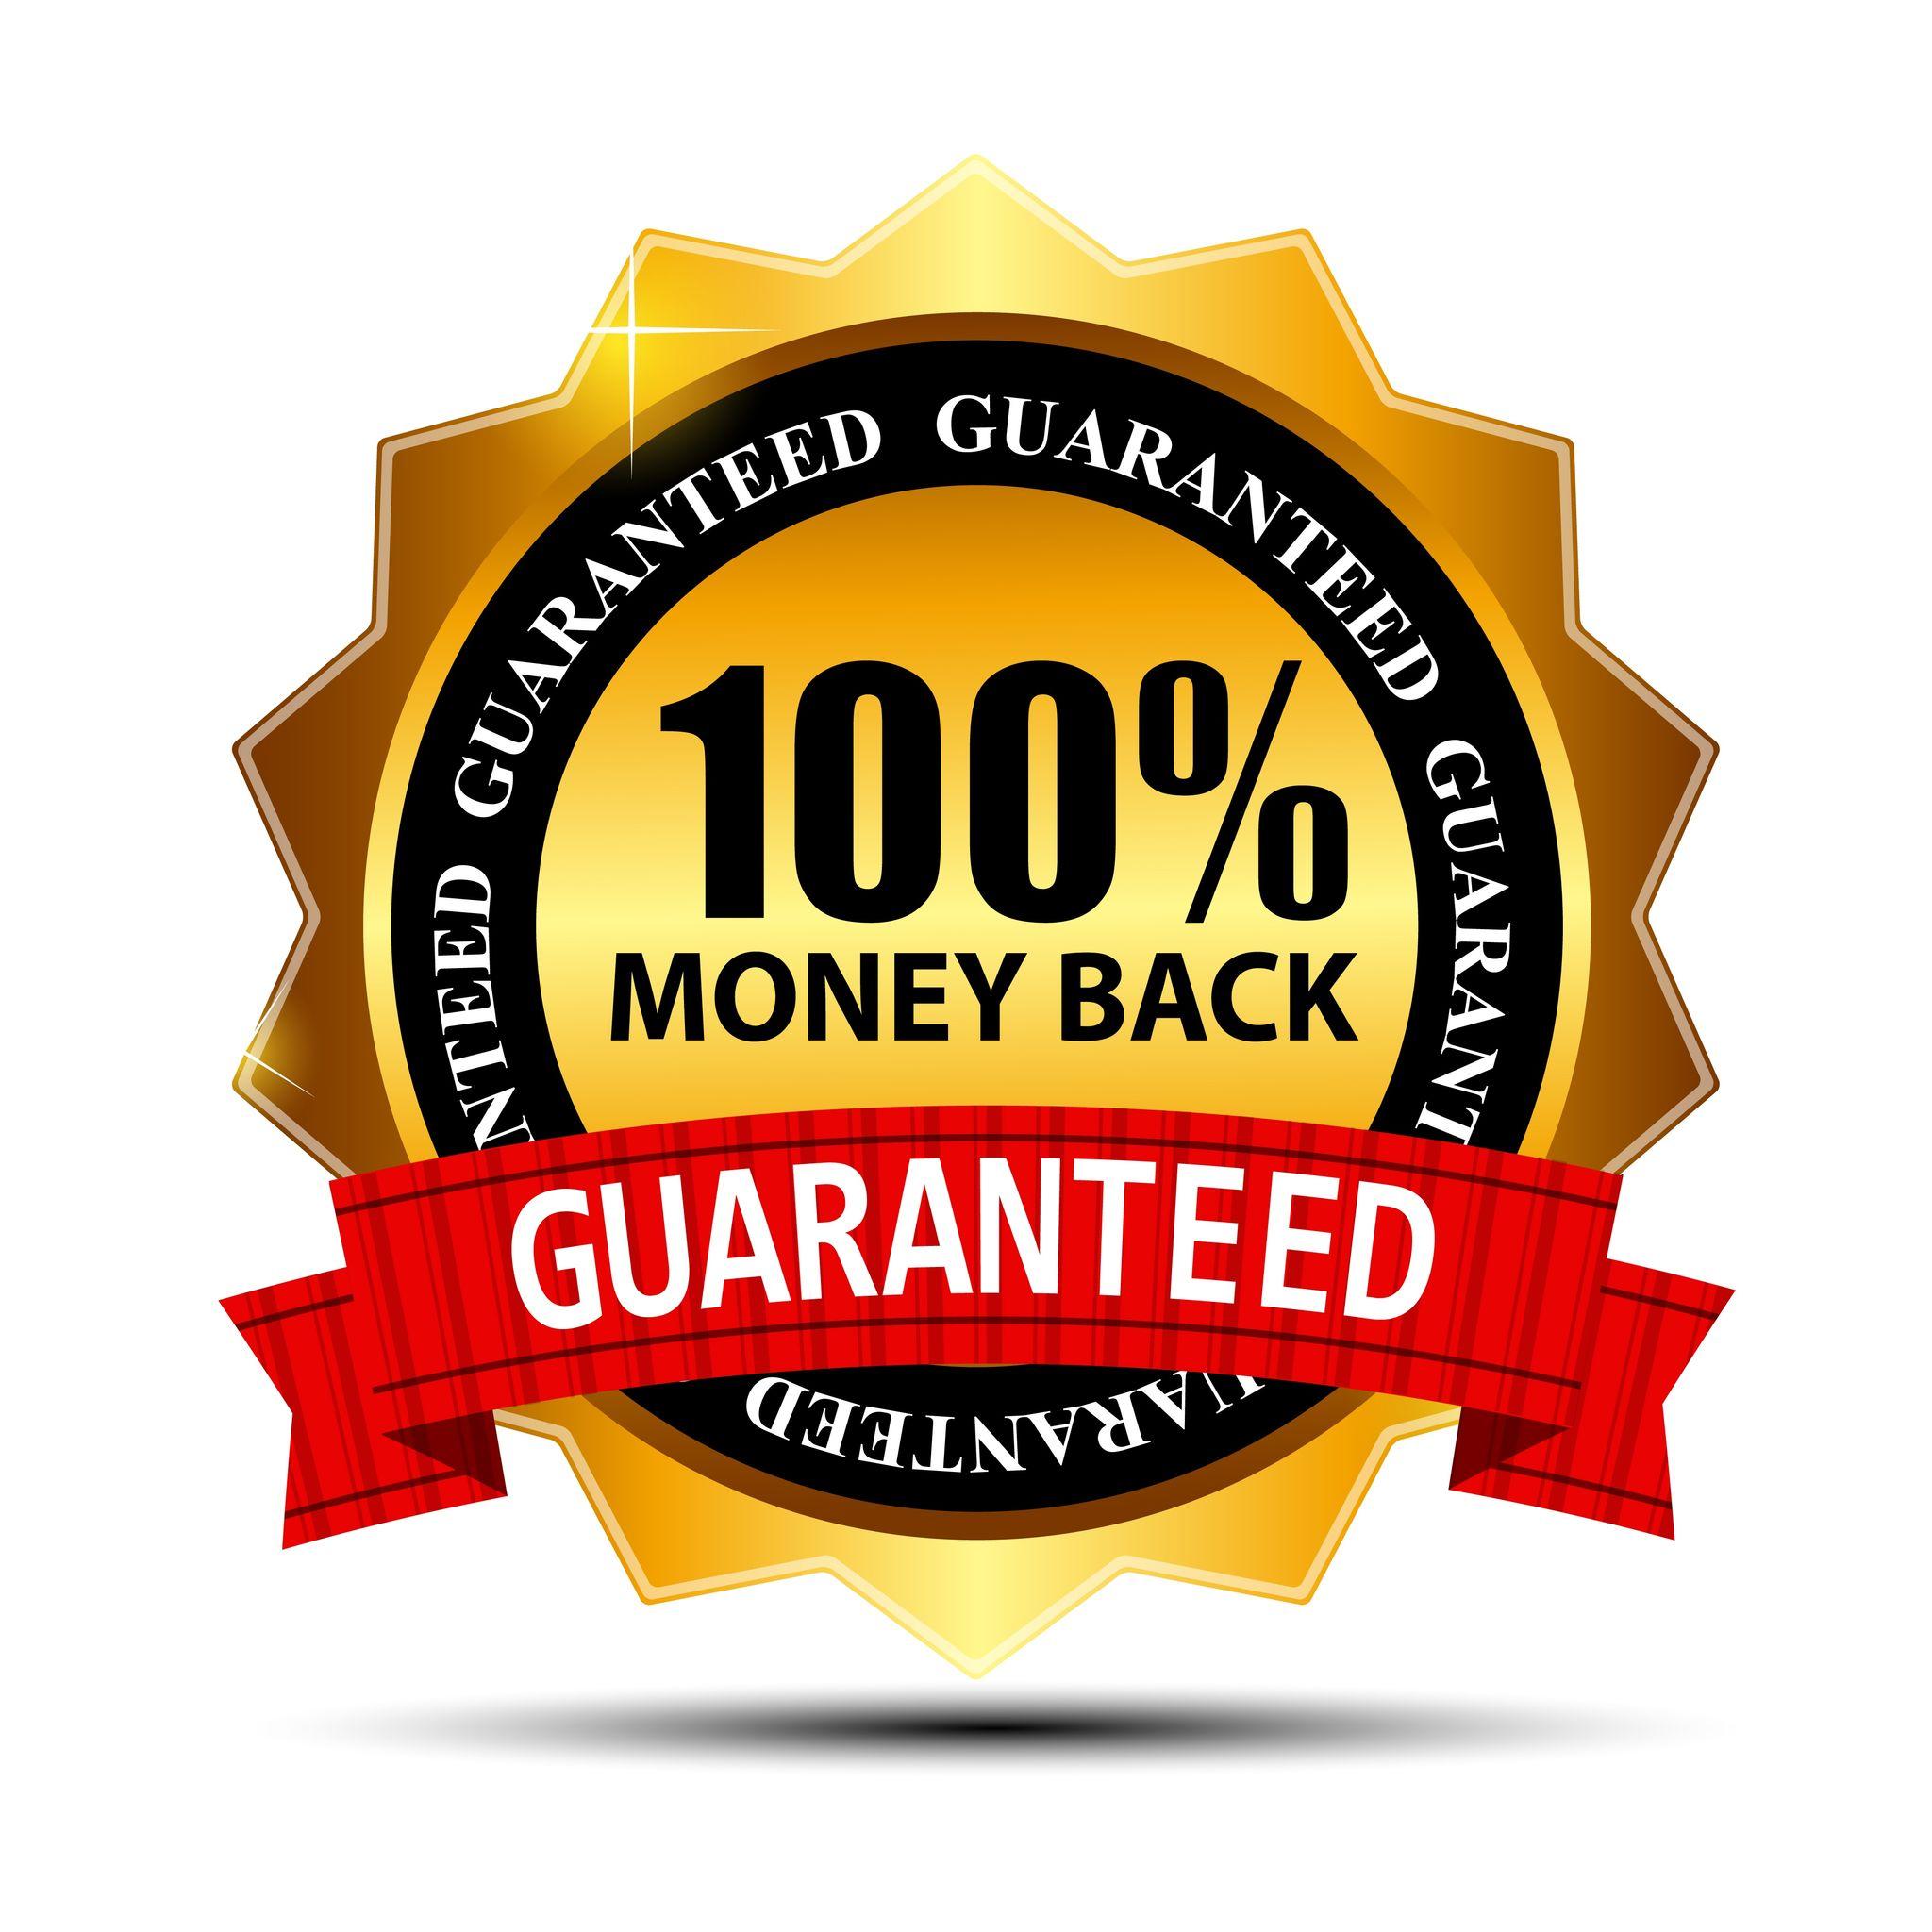 guarantee1.jpg